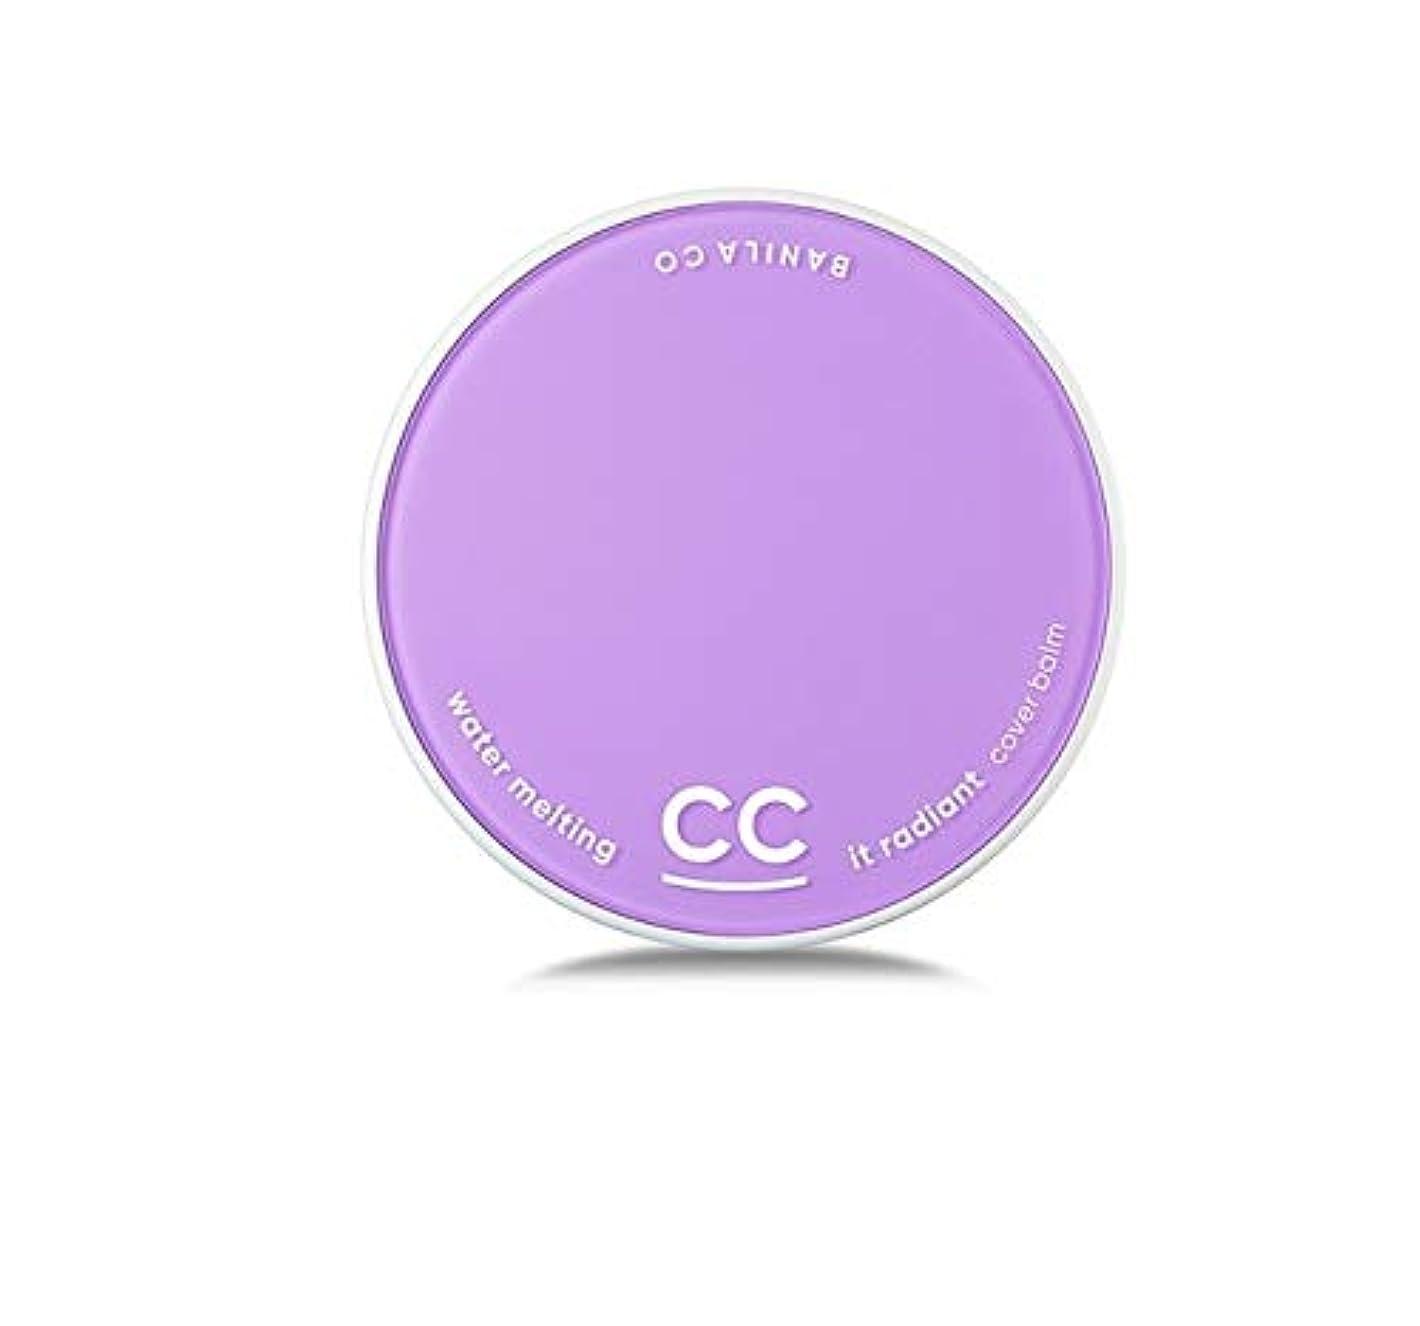 モチーフマニアック棚banilaco It Radiant CCエッセンスカバーバーム/It Radiant CC Essence Cover Balm 15g # natural beige [並行輸入品]